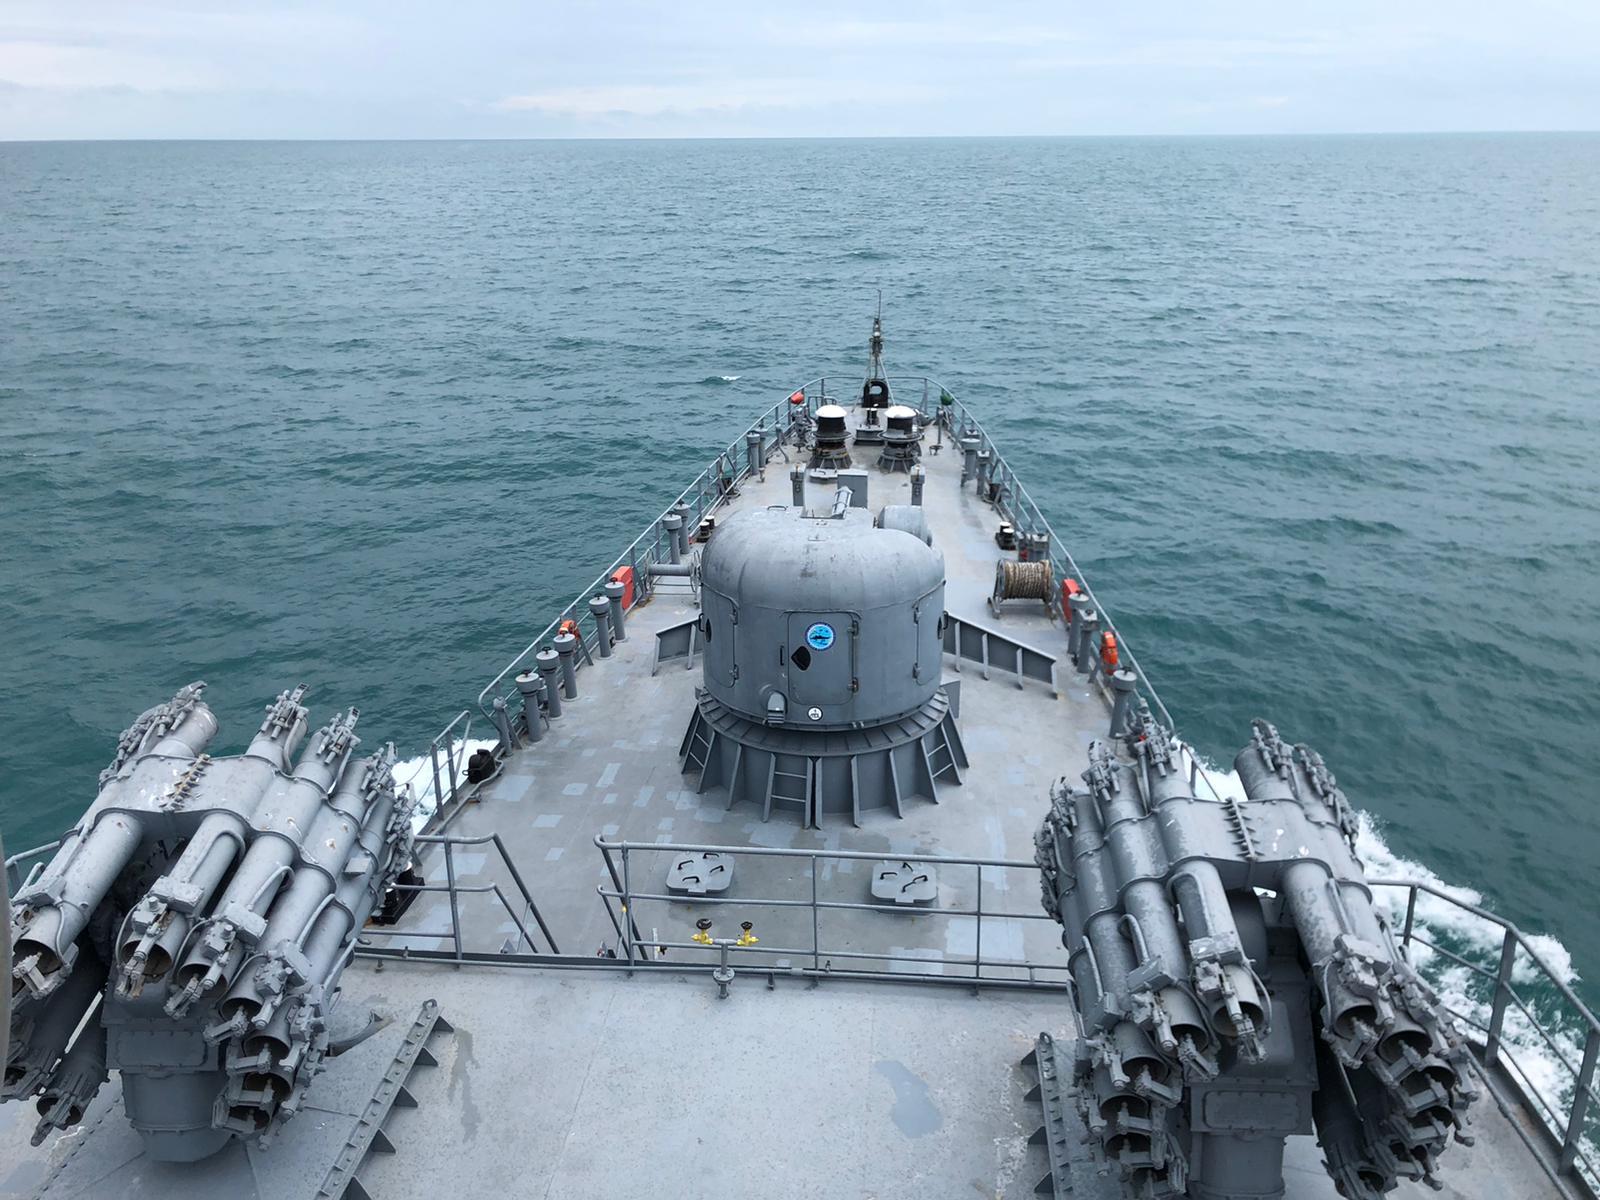 Militari din România și Ucraina, exerciții comune în apele internaționale ale Mării Negre FOTO (2)